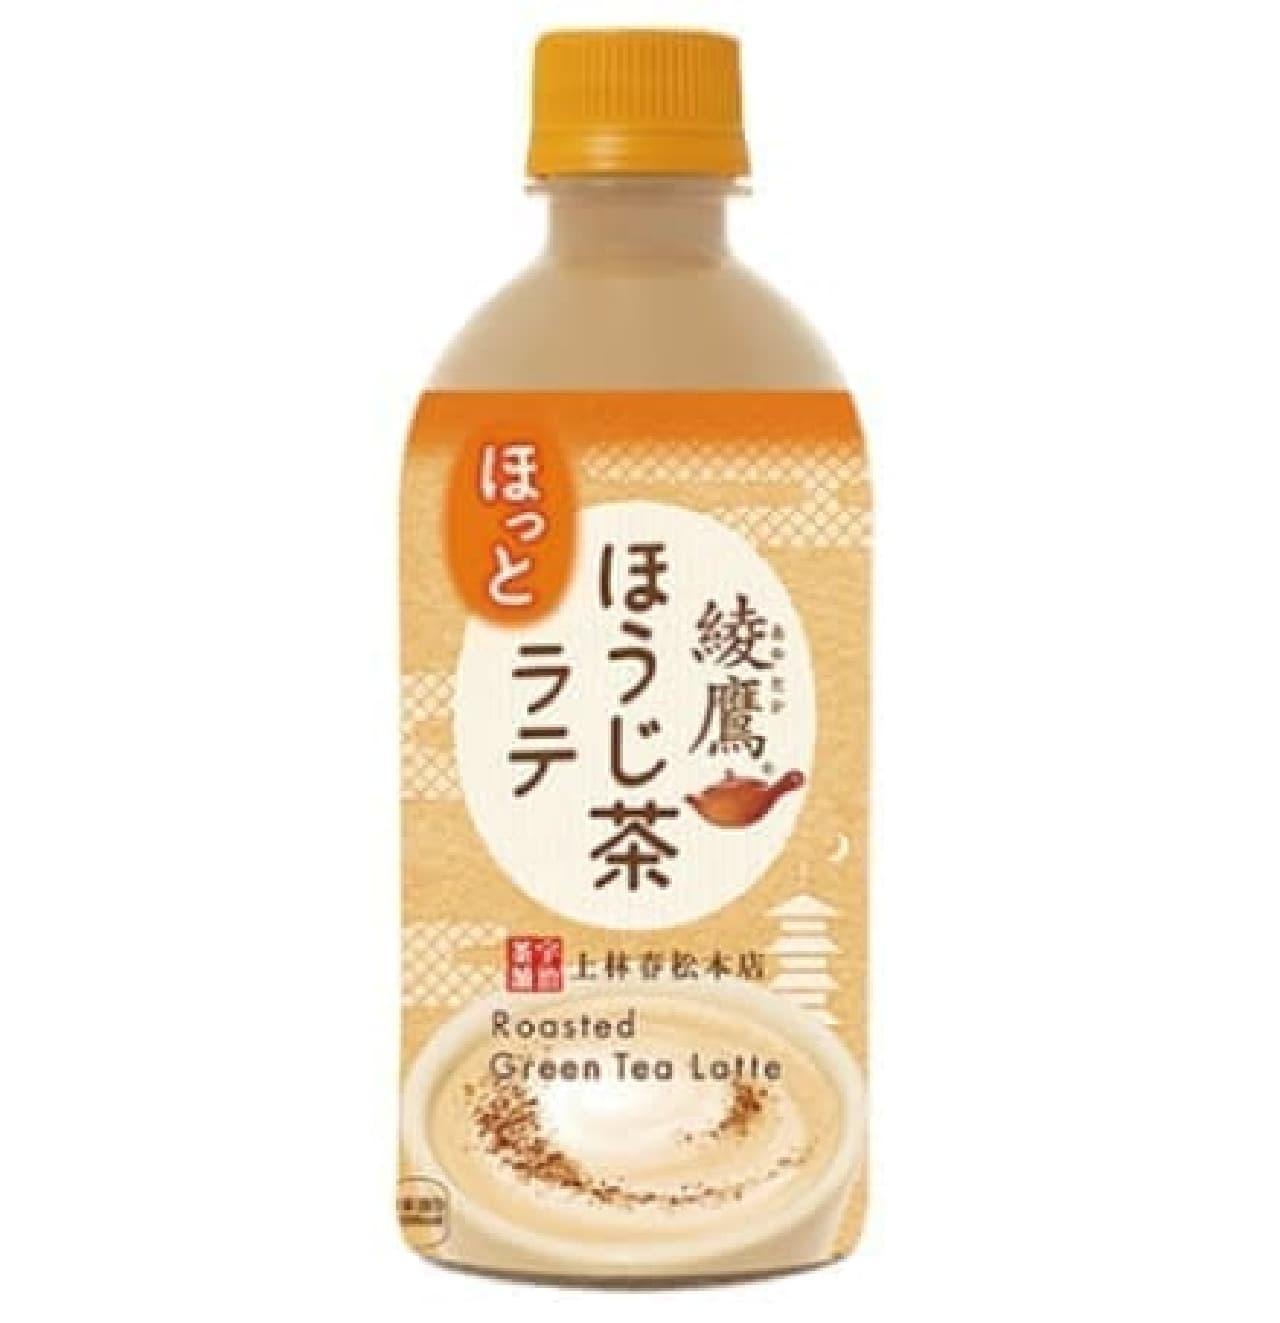 コカ・コーラ 綾鷹 ほうじ茶ラテ 440ml